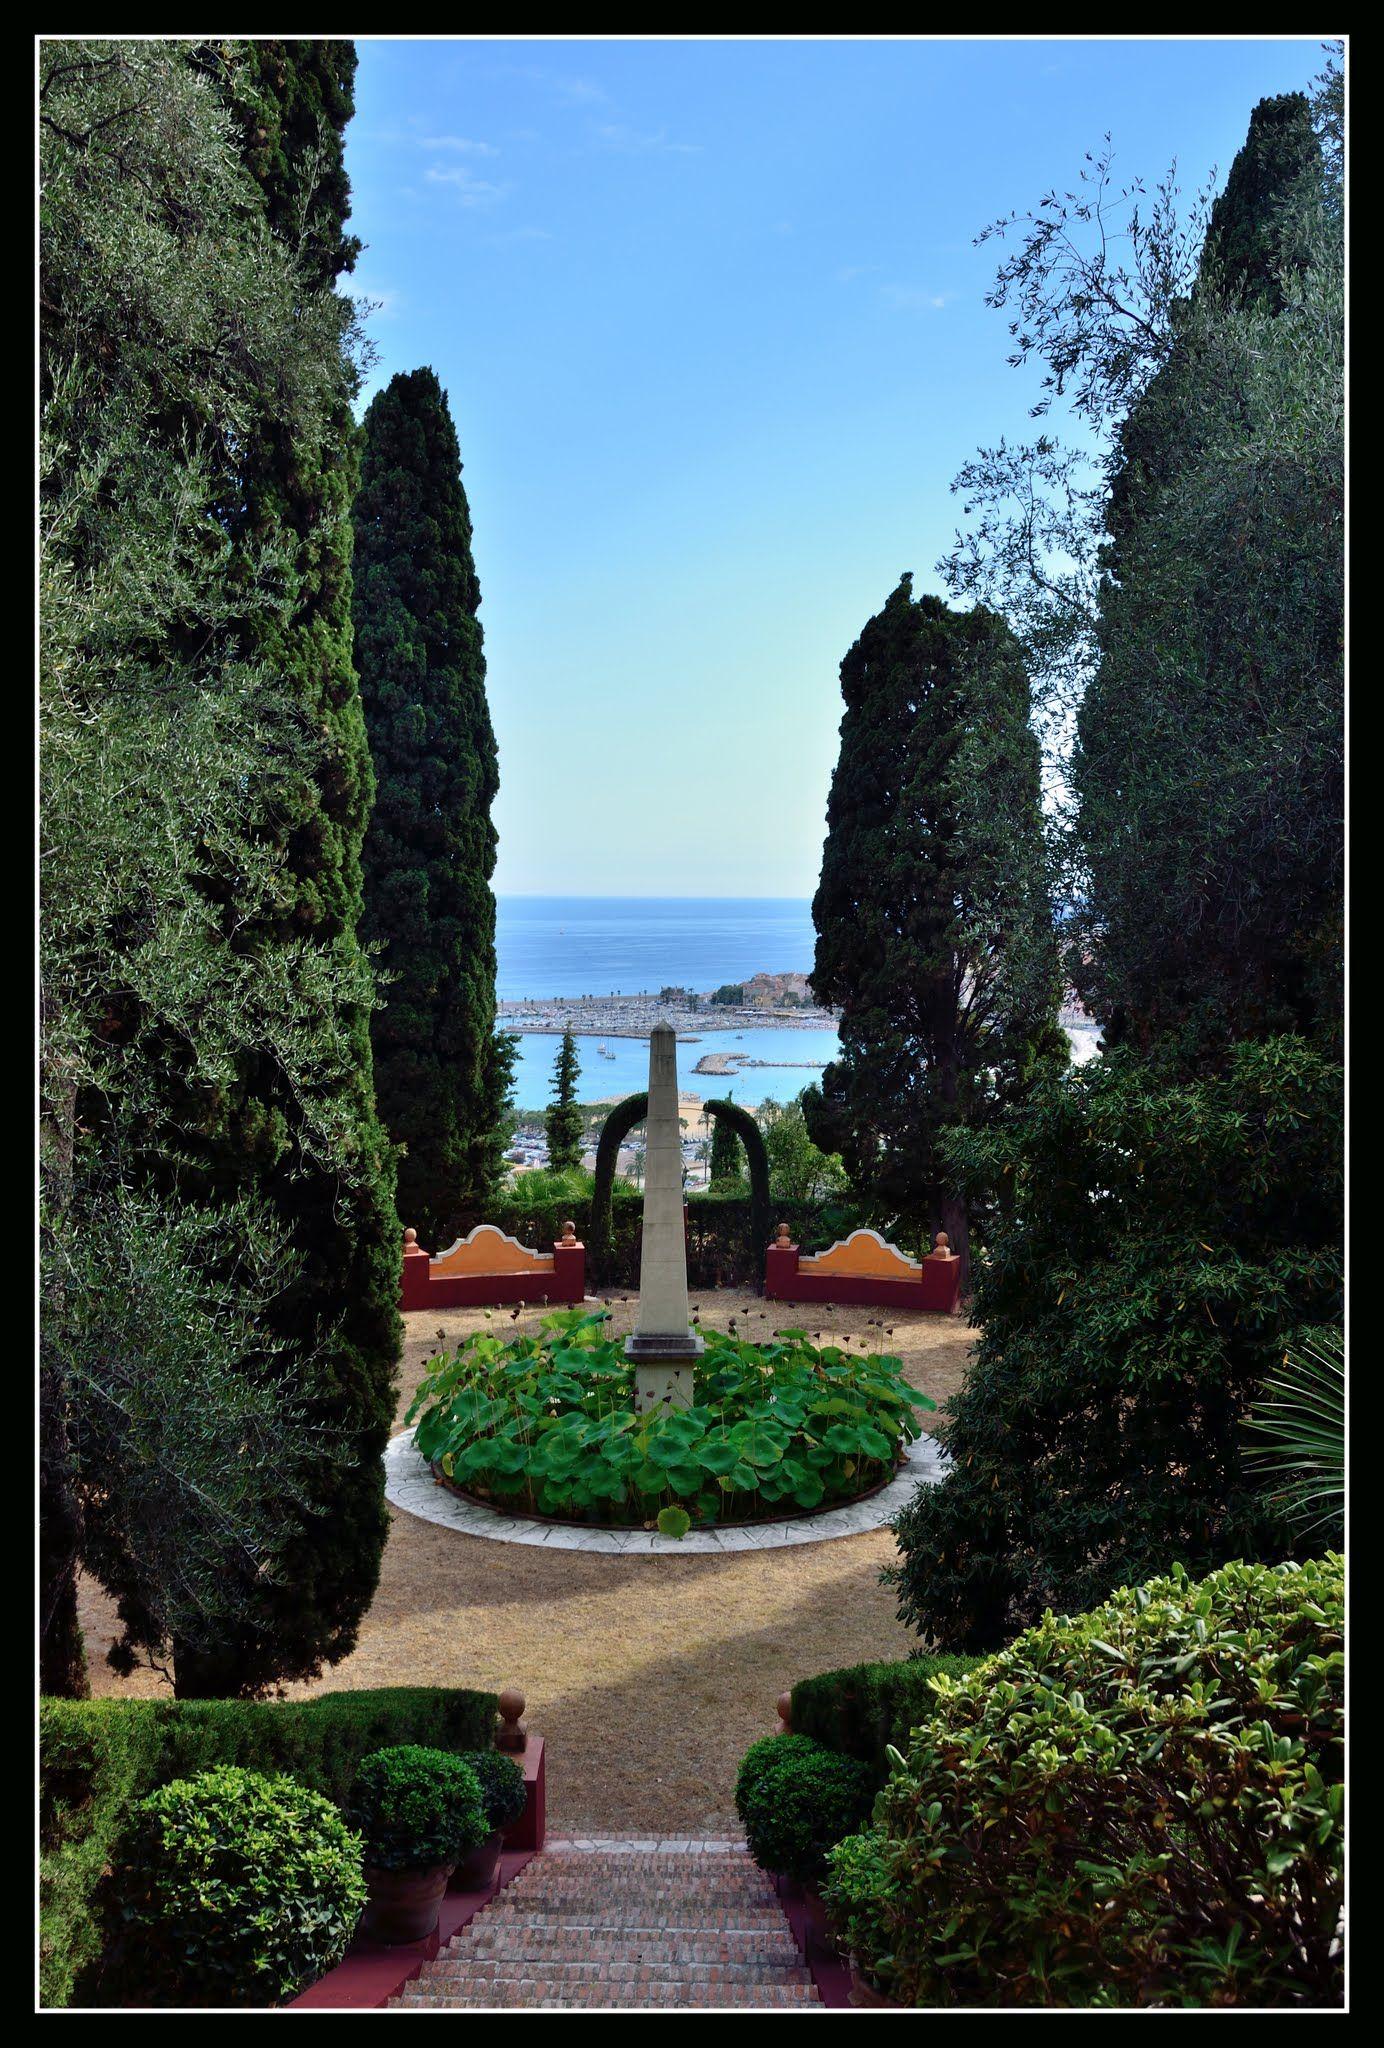 Ferdinand bac 1859 1952 le jardin des columbi res menton for Jardin 17 luis barragan